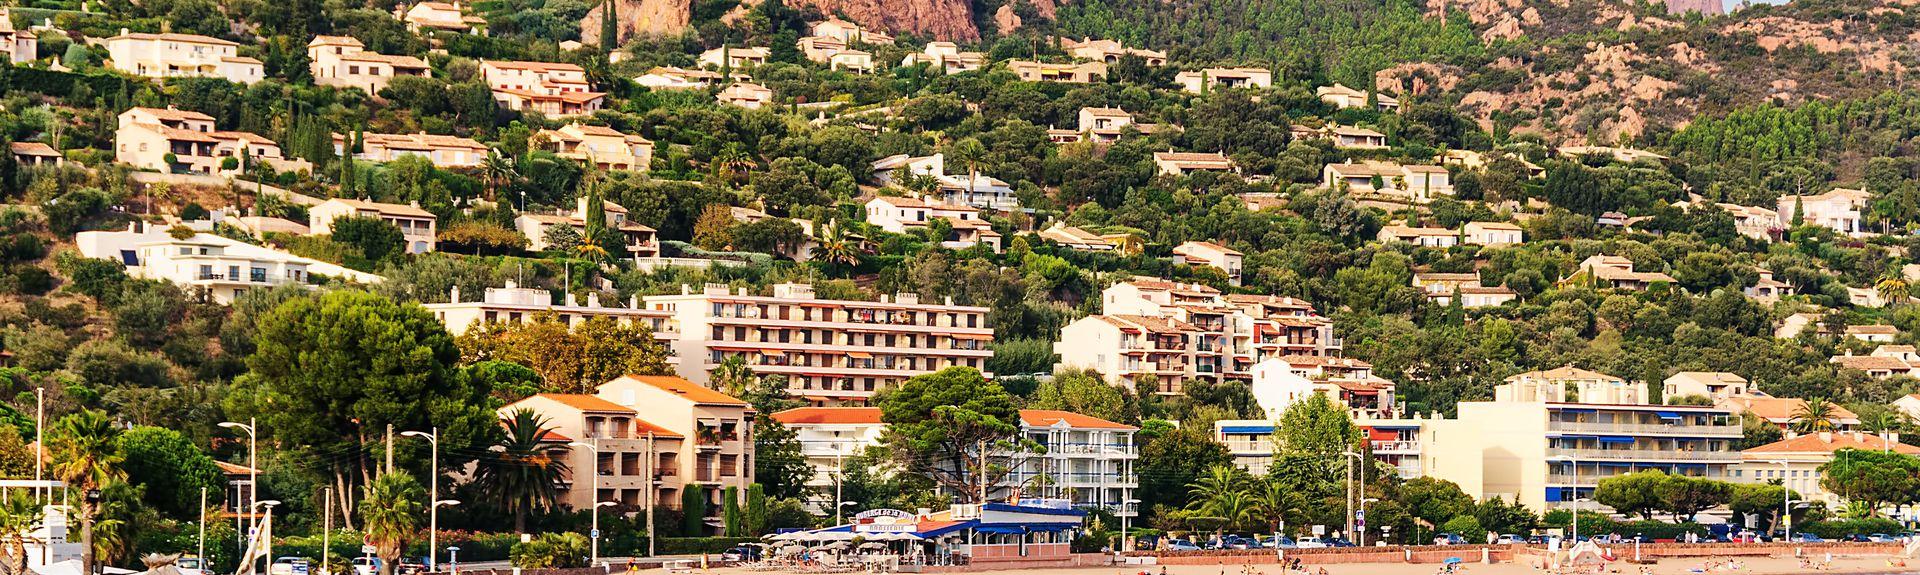 Agay, Saint-Raphaël, Provence-Alpes-Côte d'Azur, France